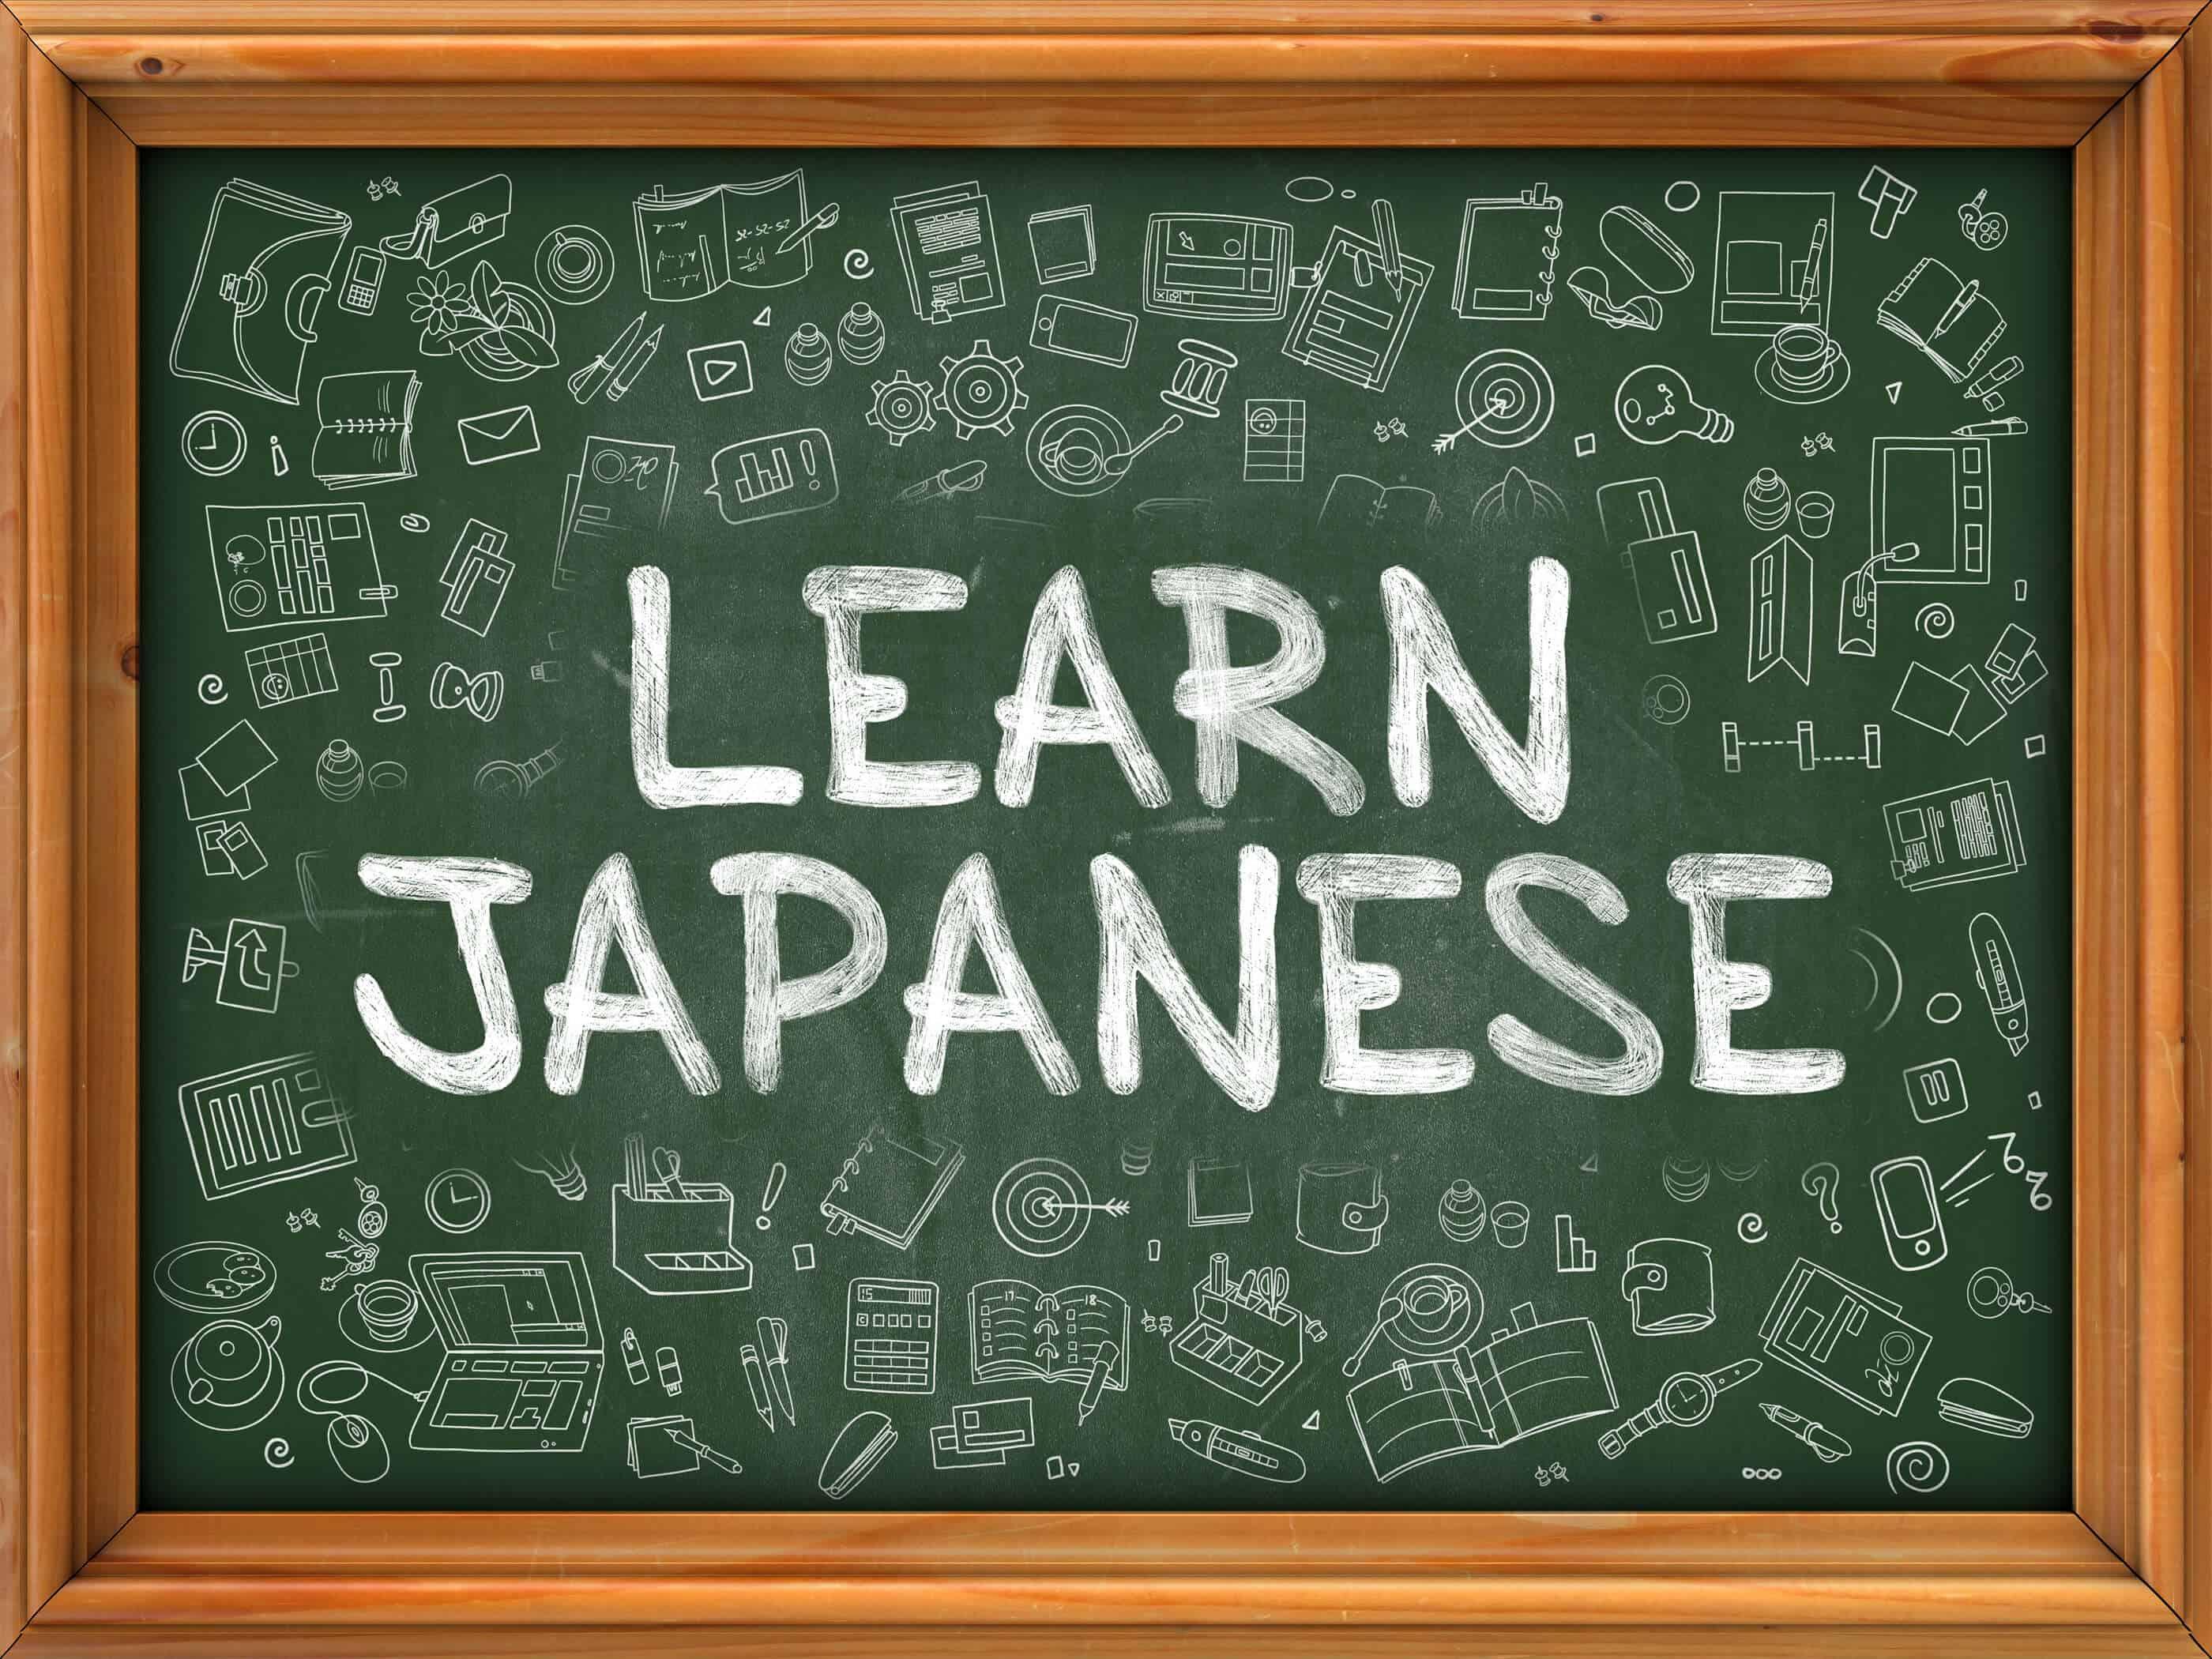 Cursos de japonés GRATIS - 1876 lecciones